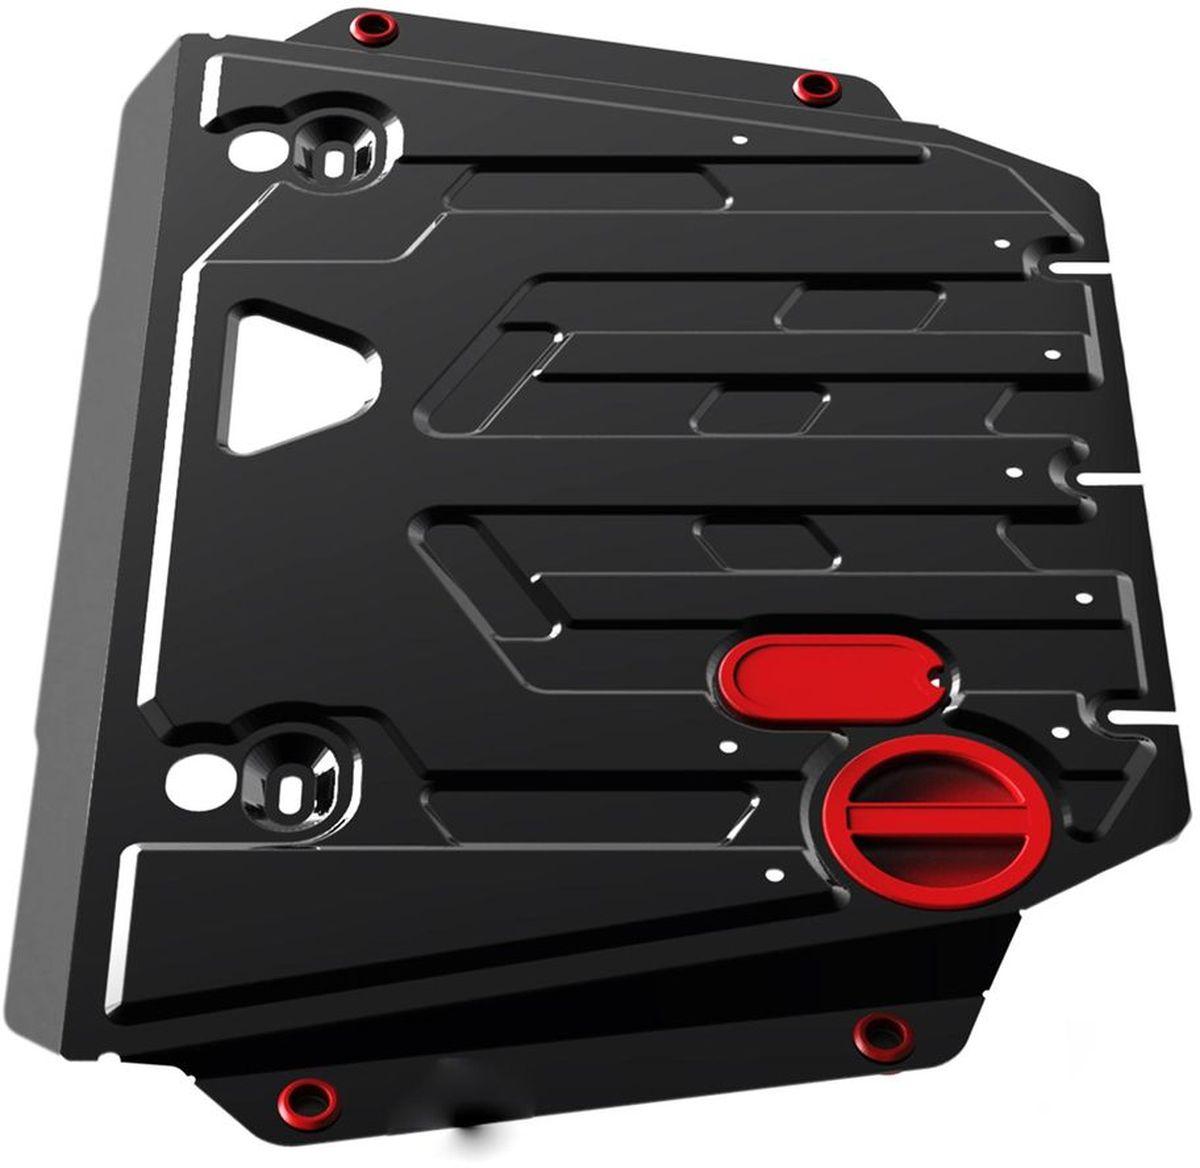 Защита картера Автоброня, усиленная, для Lada 2170 Priora/2110, V-1,6 (2007-/1995-2007)1.06019.1Технологически совершенный продукт за невысокую стоимость. Защита разработана с учетом особенностей днища автомобиля, что позволяет сохранить дорожный просвет с минимальным изменением. Защита устанавливается в штатные места кузова автомобиля. Глубокий штамп обеспечивает до двух раз больше жесткости в сравнении с обычной защитой той же толщины. Проштампованные ребра жесткости препятствуют деформации защиты при ударах. Тепловой зазор и вентиляционные отверстия обеспечивают сохранение температурного режима двигателя в норме. Скрытый крепеж предотвращает срыв крепежных элементов при наезде на препятствие. Шумопоглощающие резиновые элементы обеспечивают комфортную езду без вибраций и скрежета металла, а съемные лючки для слива масла и замены фильтра - экономию средств и время. Конструкция изделия не влияет на пассивную безопасность автомобиля (при ударе защита не воздействует на деформационные зоны кузова). Со штатным крепежом. В комплекте инструкция по установке....